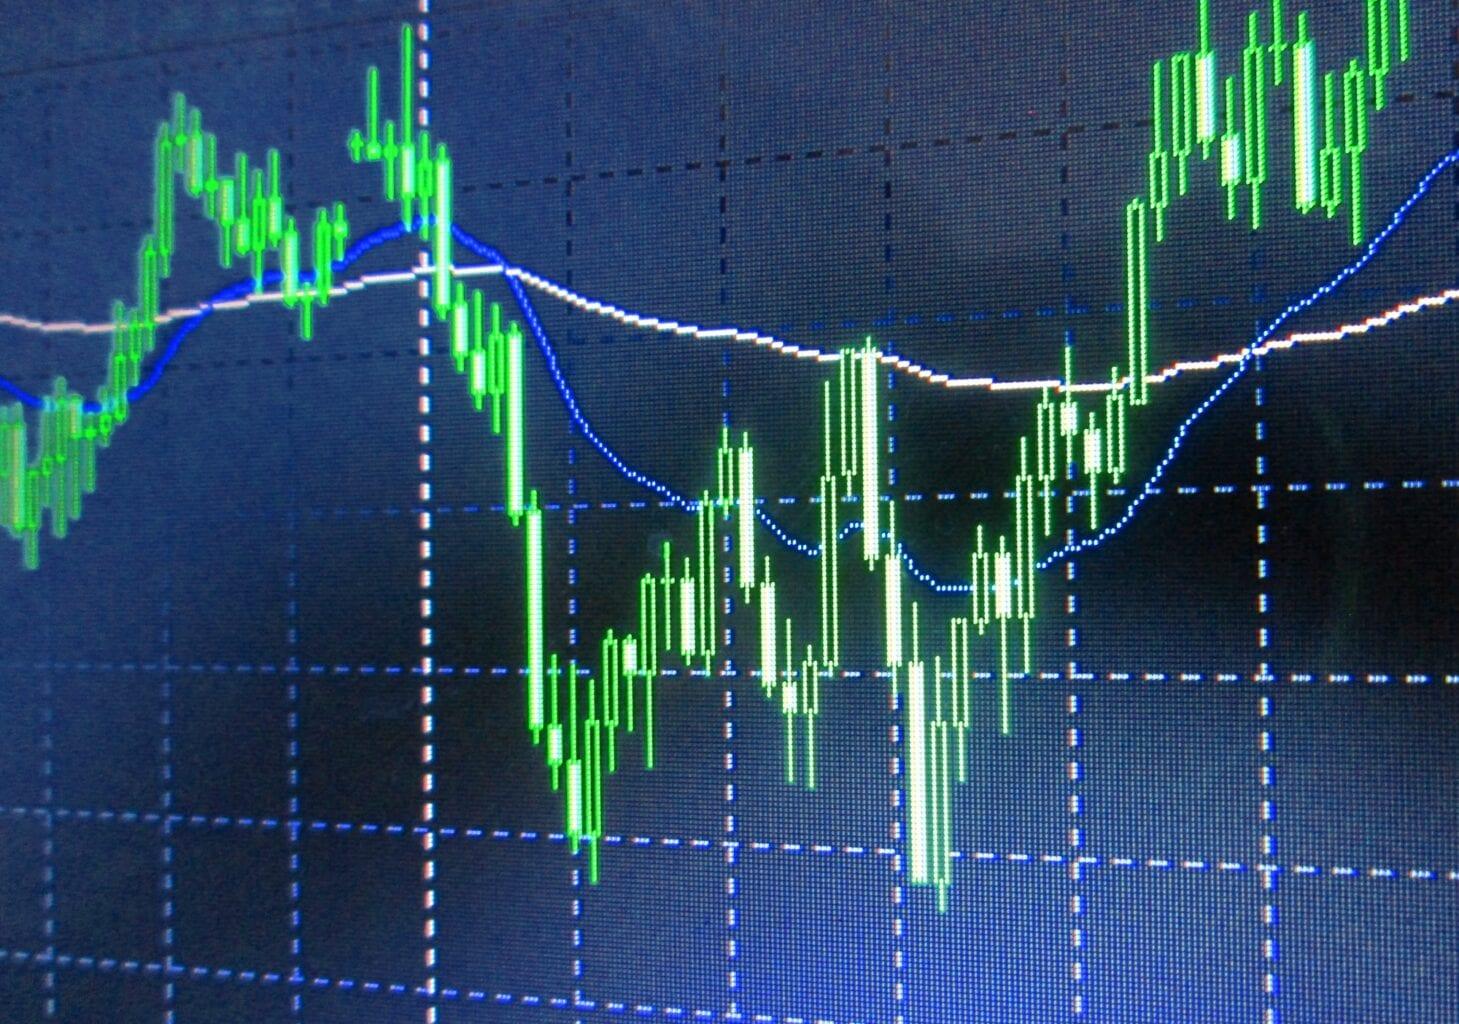 Recompra de ações: o que significa para a empresa e para o investidor